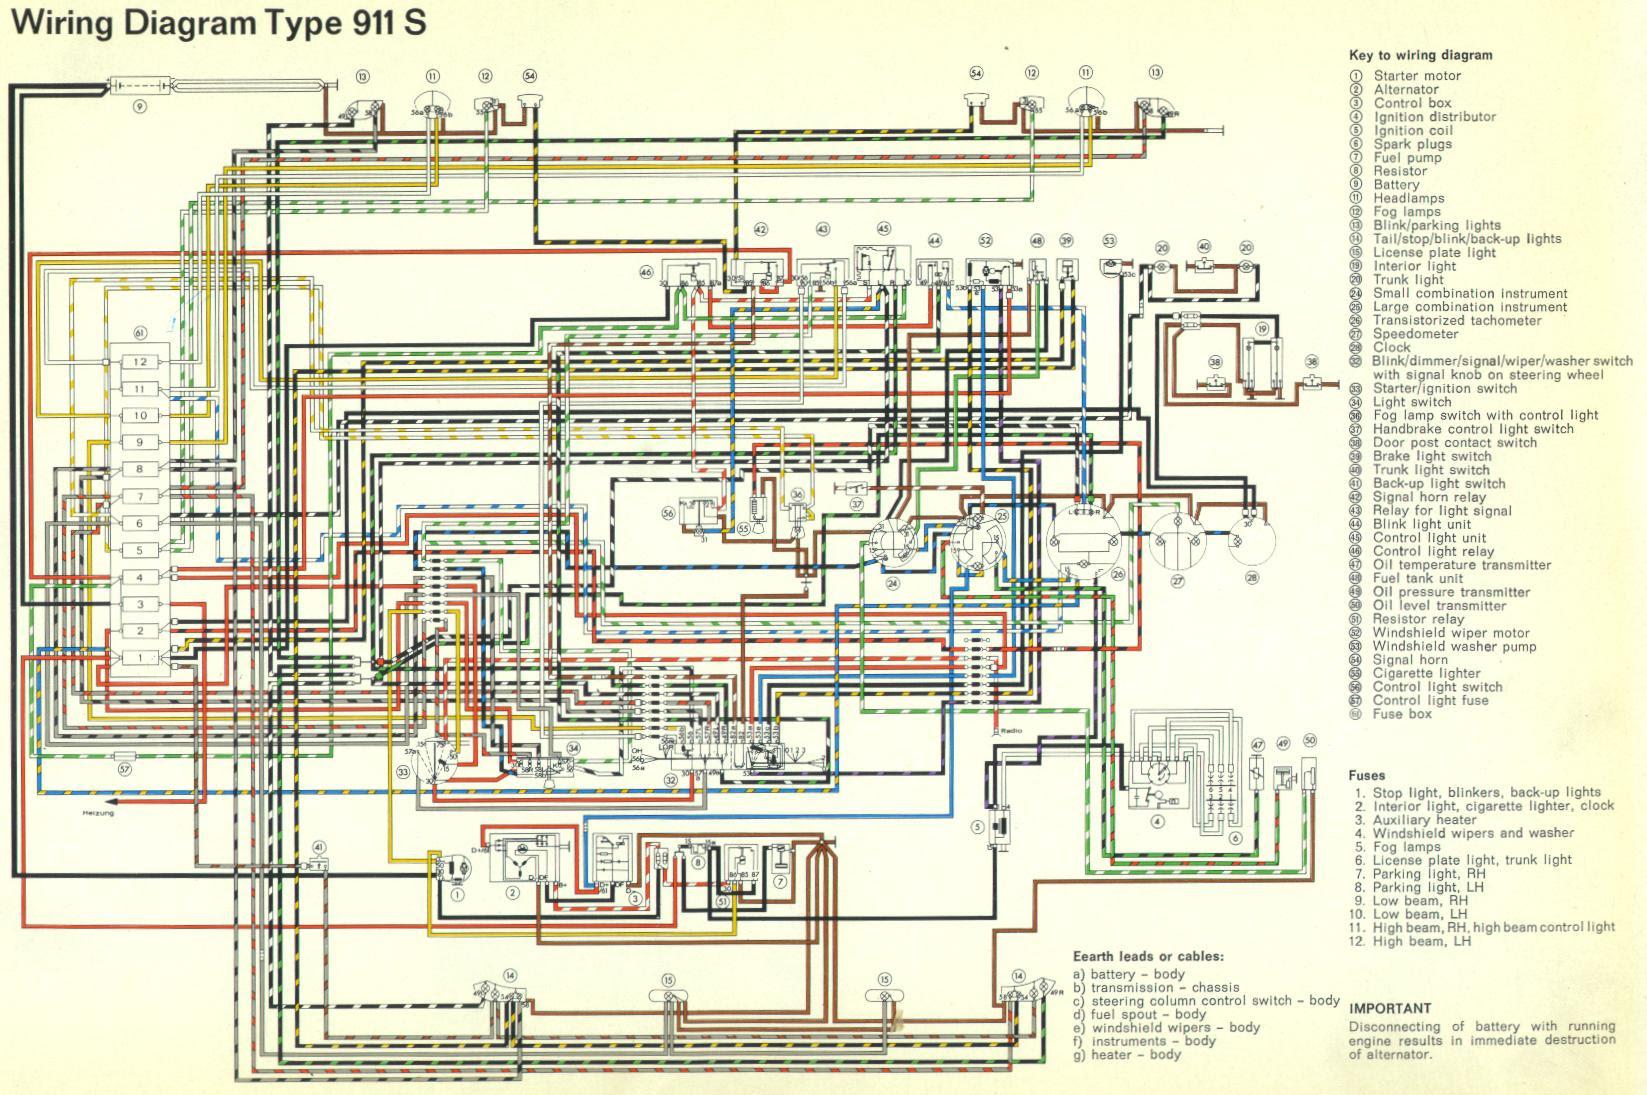 DIAGRAM] 1974 Bmw 2002 Wiring Diagram - 88 Camaro Neutral Safety Switch  Wiring Diagram List cover.mon1erinstrument.frmon1erinstrument.fr